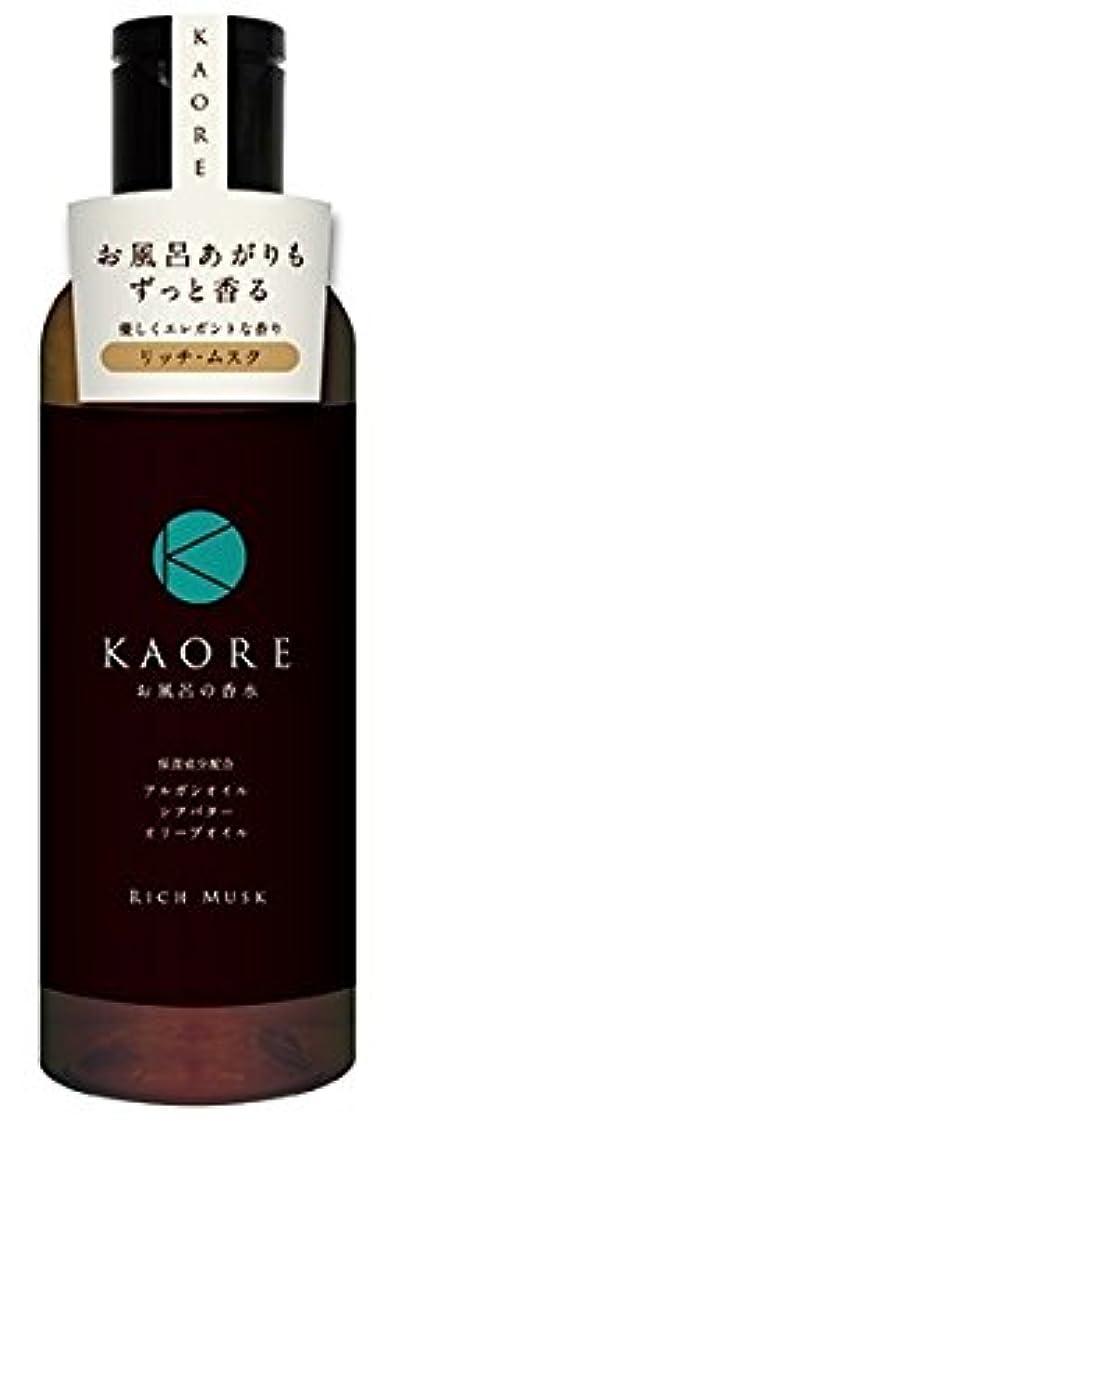 九時四十五分衰える量でKAORE(カオリ) お風呂の香水 リッチムスク 200ml